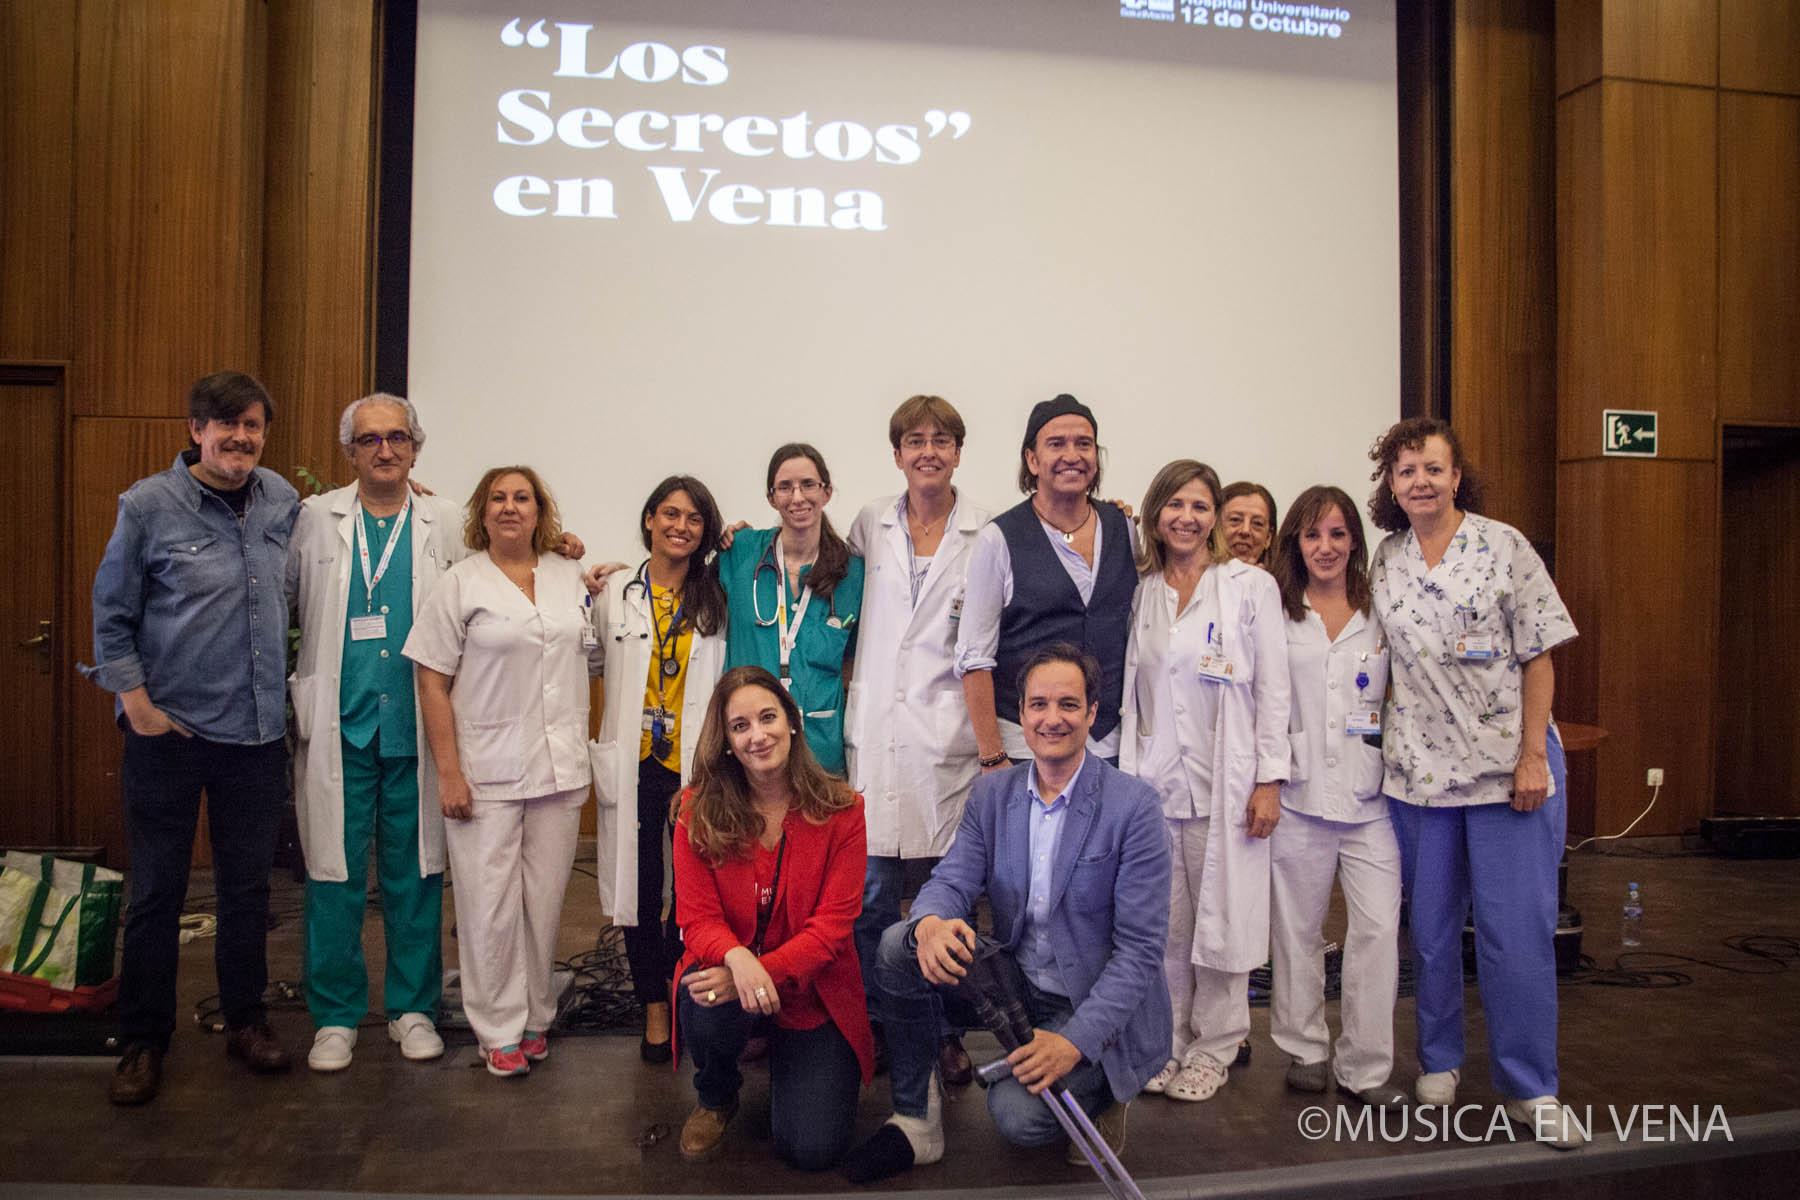 LOS_SECRETOS_EN_VENA_19